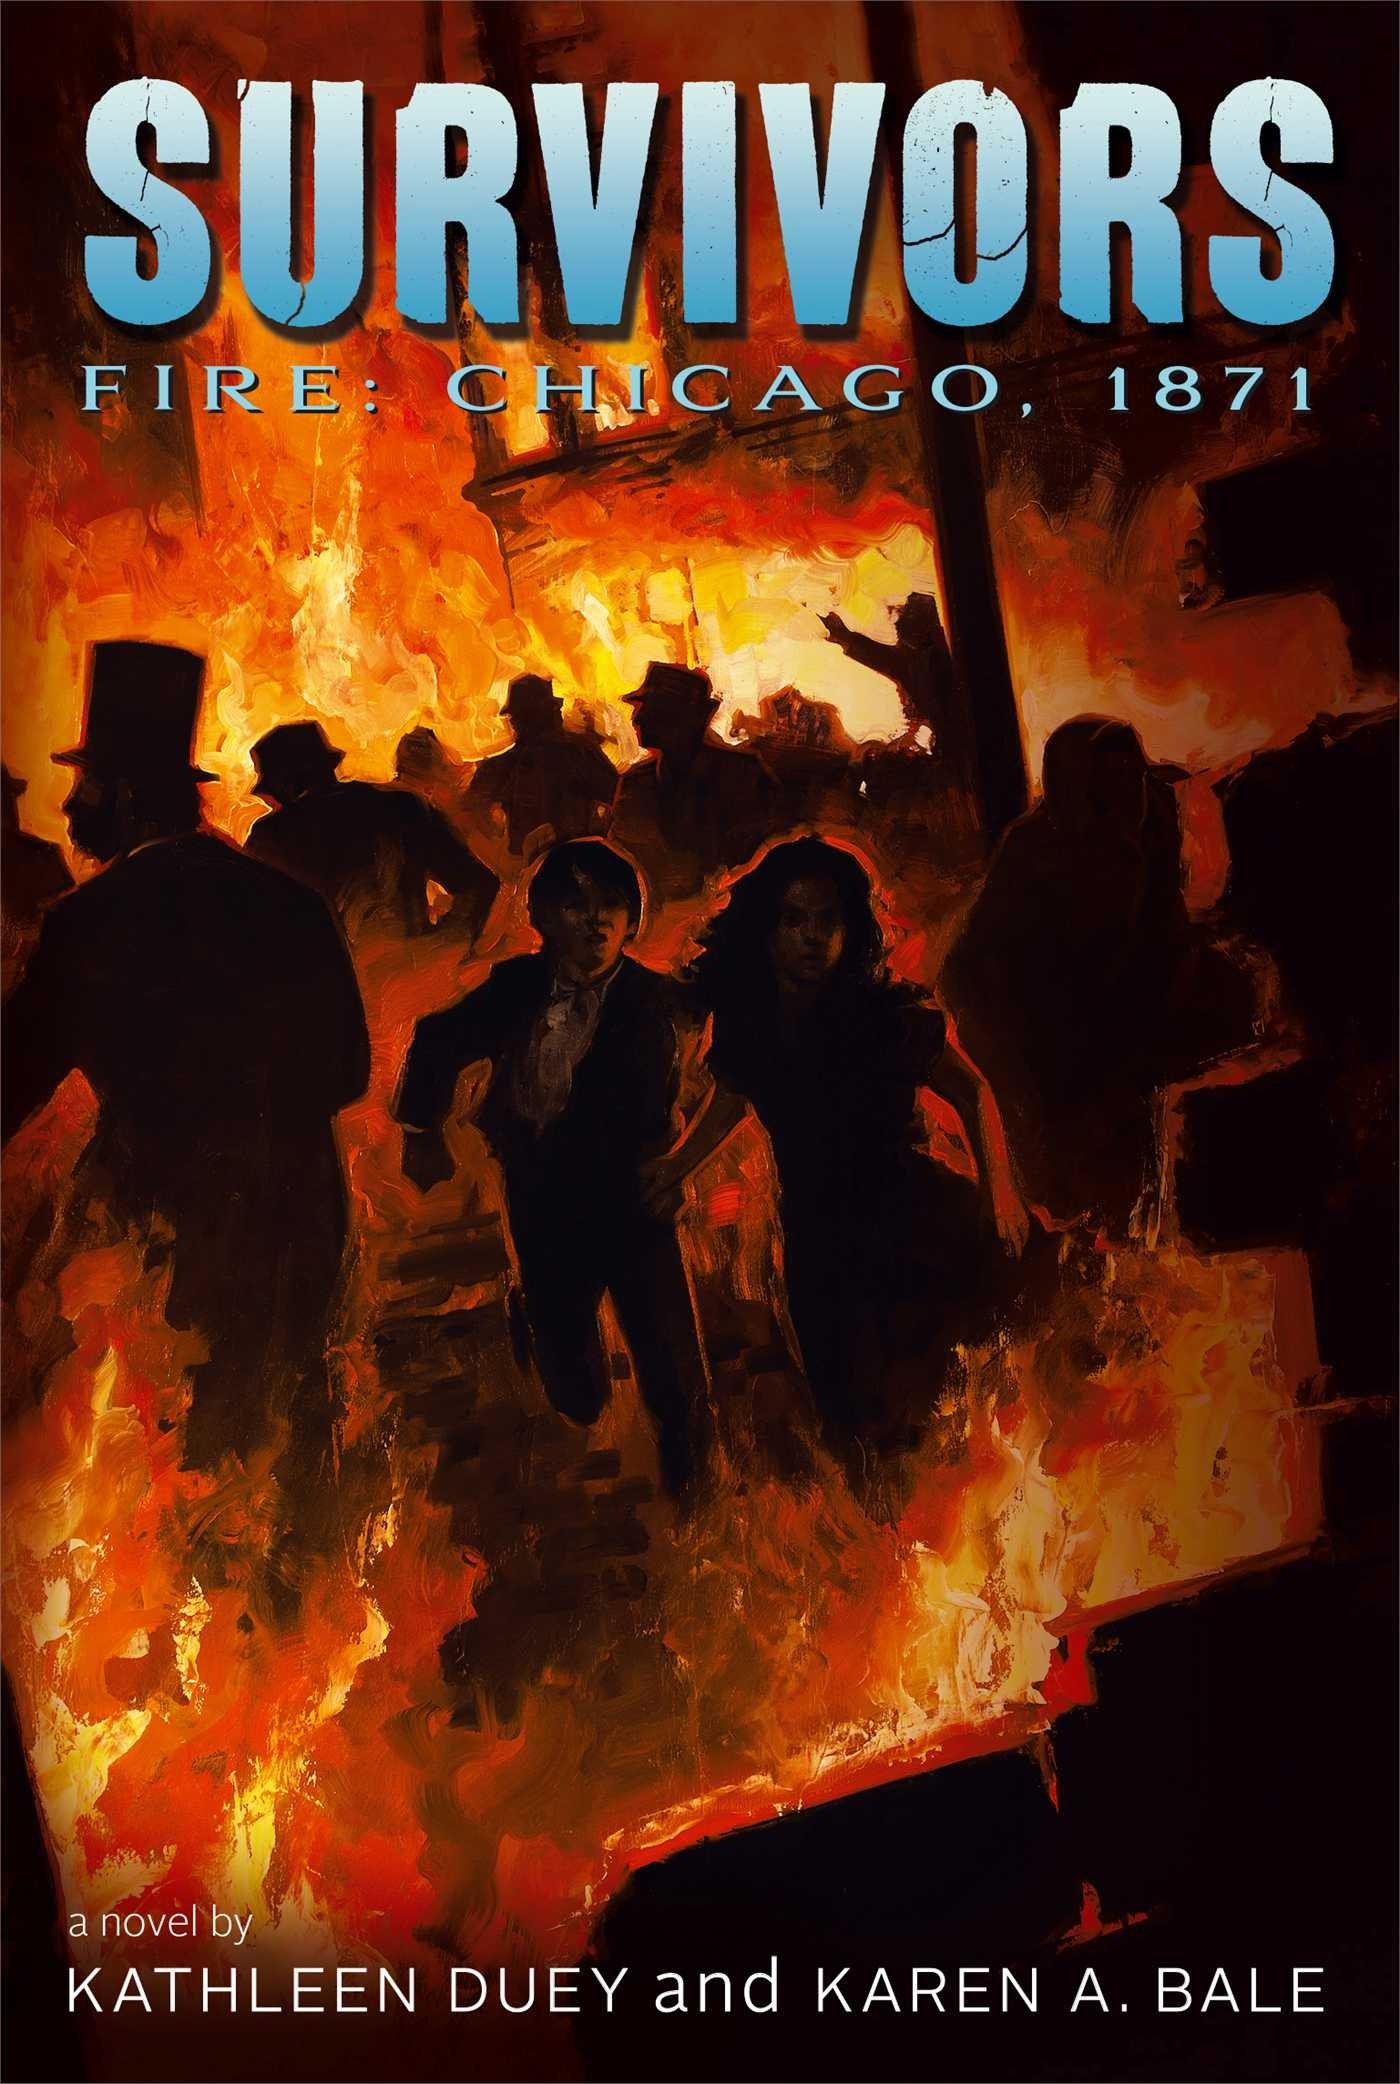 Fire: Chicago, 1871 (Survivors): Kathleen Duey, Karen A. Bale ...